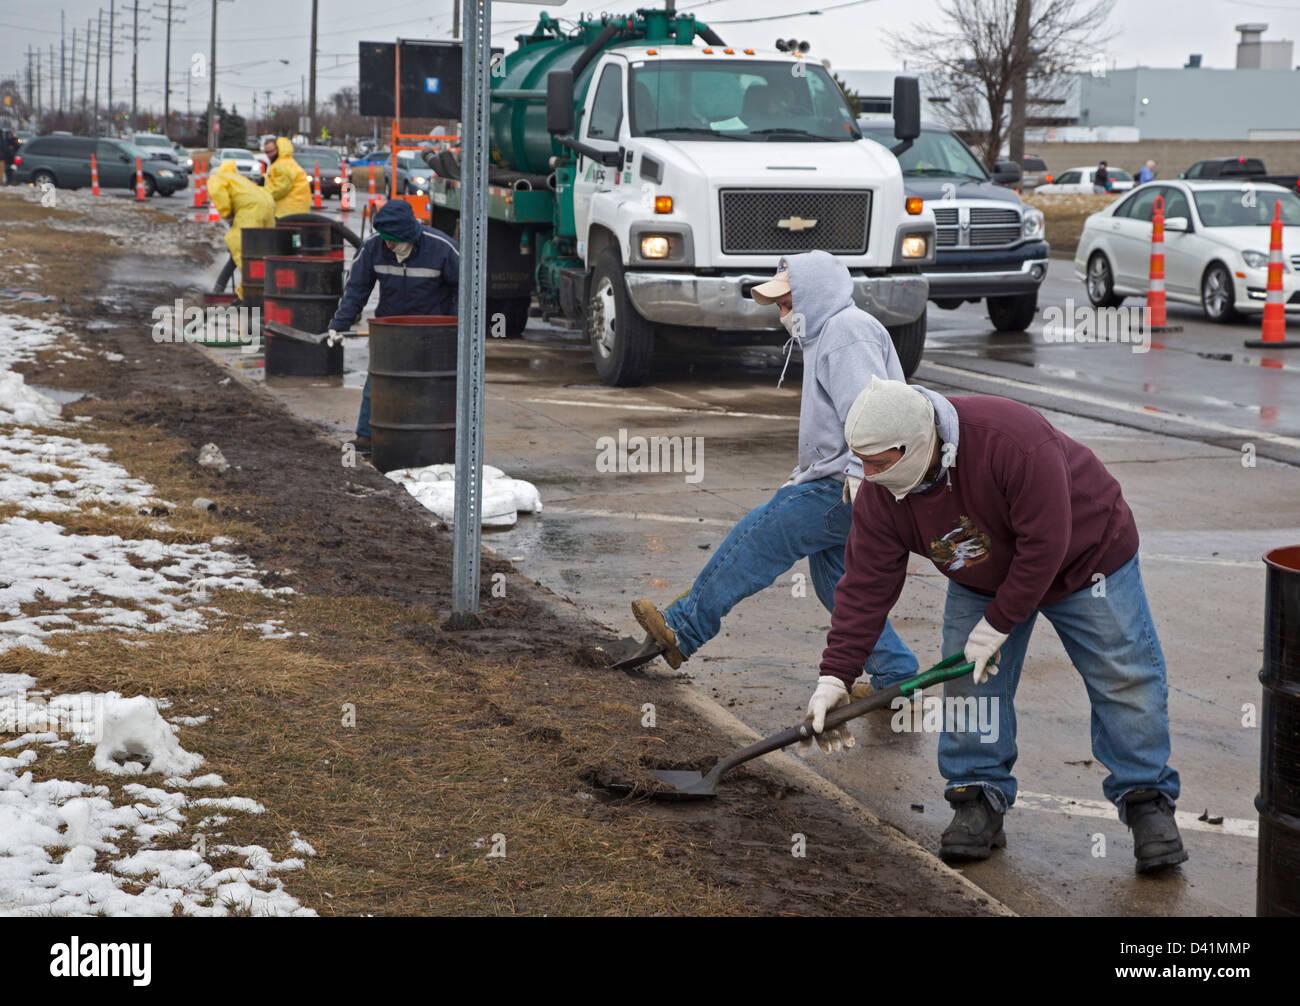 Warren, Michigan - Trabajadores limpiar un derrame de materiales peligrosos en el hombro de una calle principal. Imagen De Stock